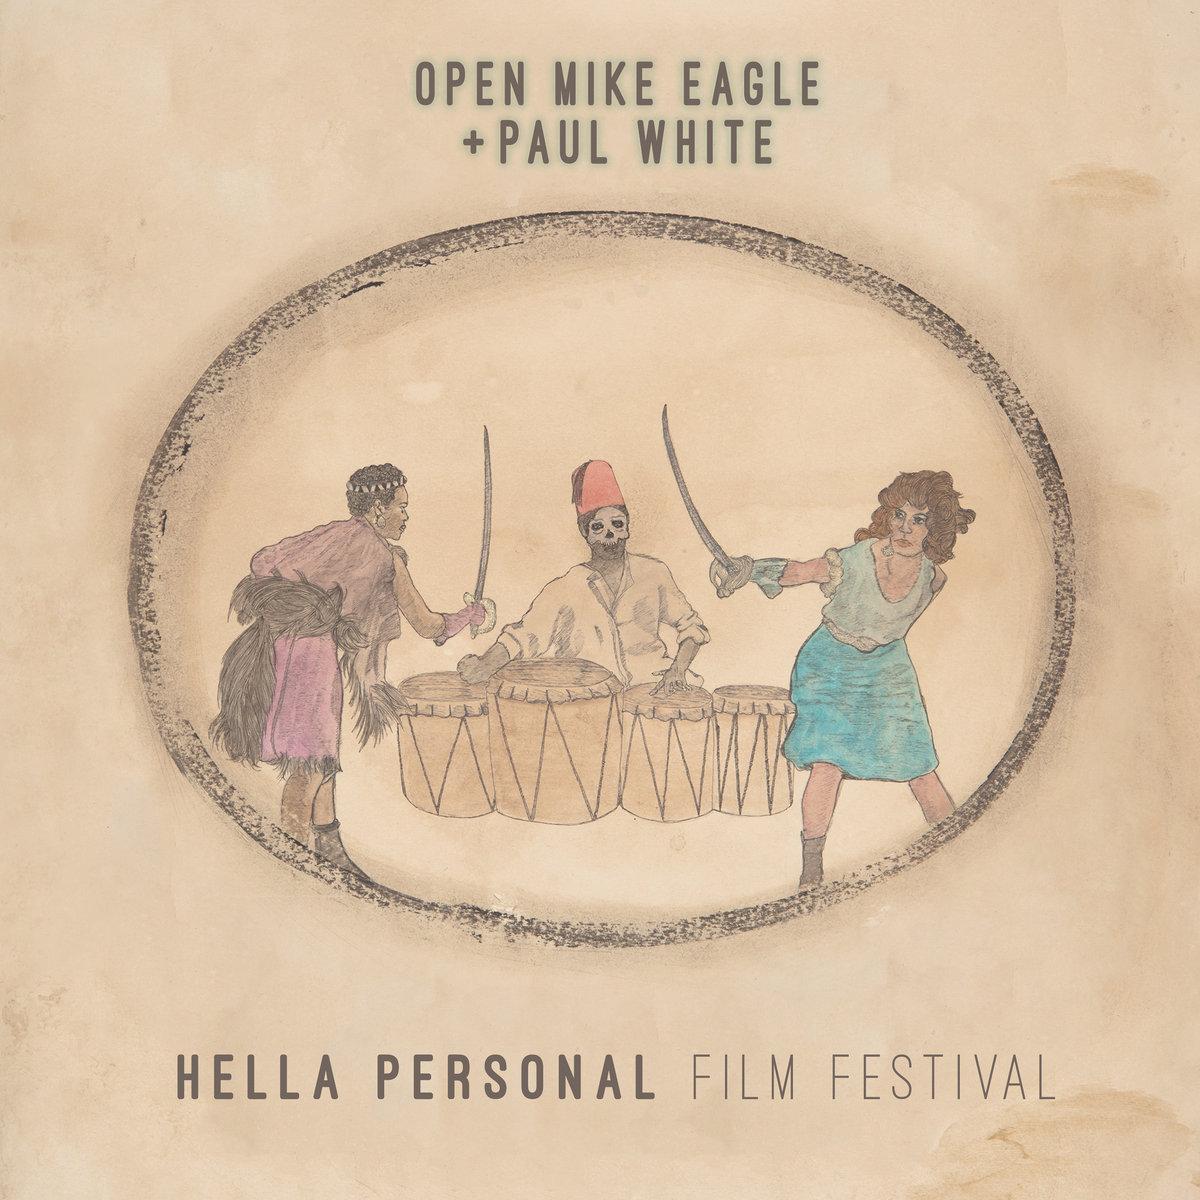 OPEN MIKE EAGLE & PAUL WHITE - HELLA PERSONAL FILM FESTIVAL (WICHITA SONGS/DOMINO , 2016)